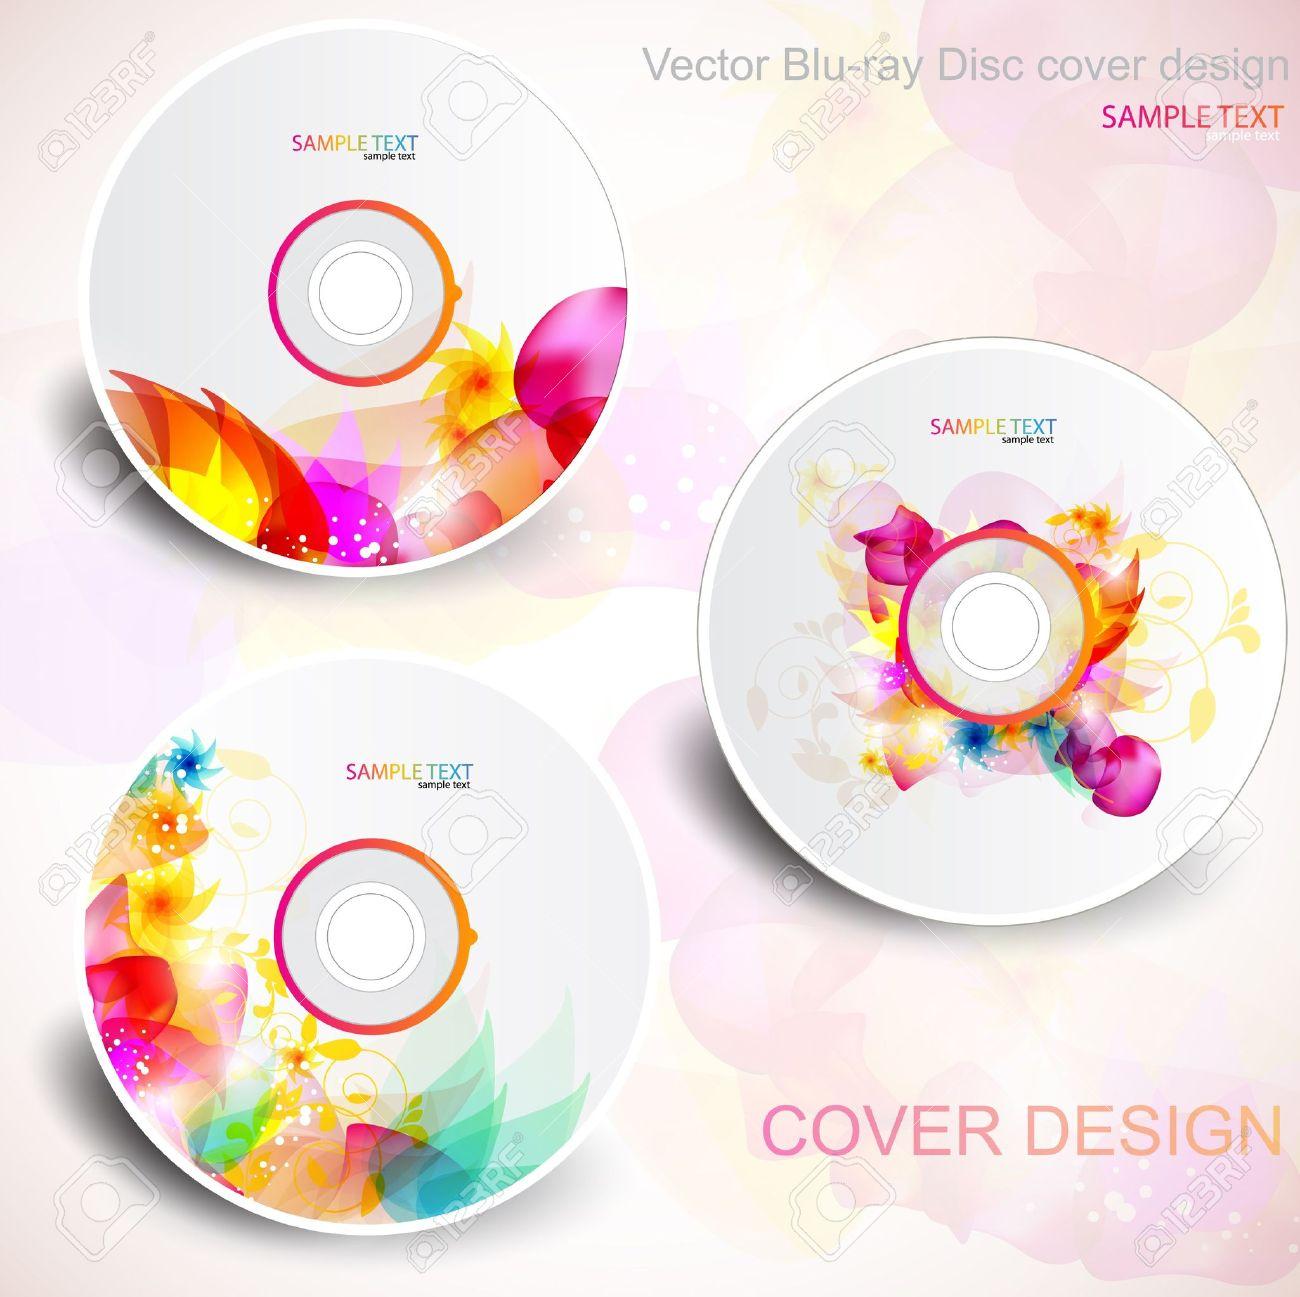 Diseño De Portada De CD De Vector. Plantillas Editables. Diseño ...